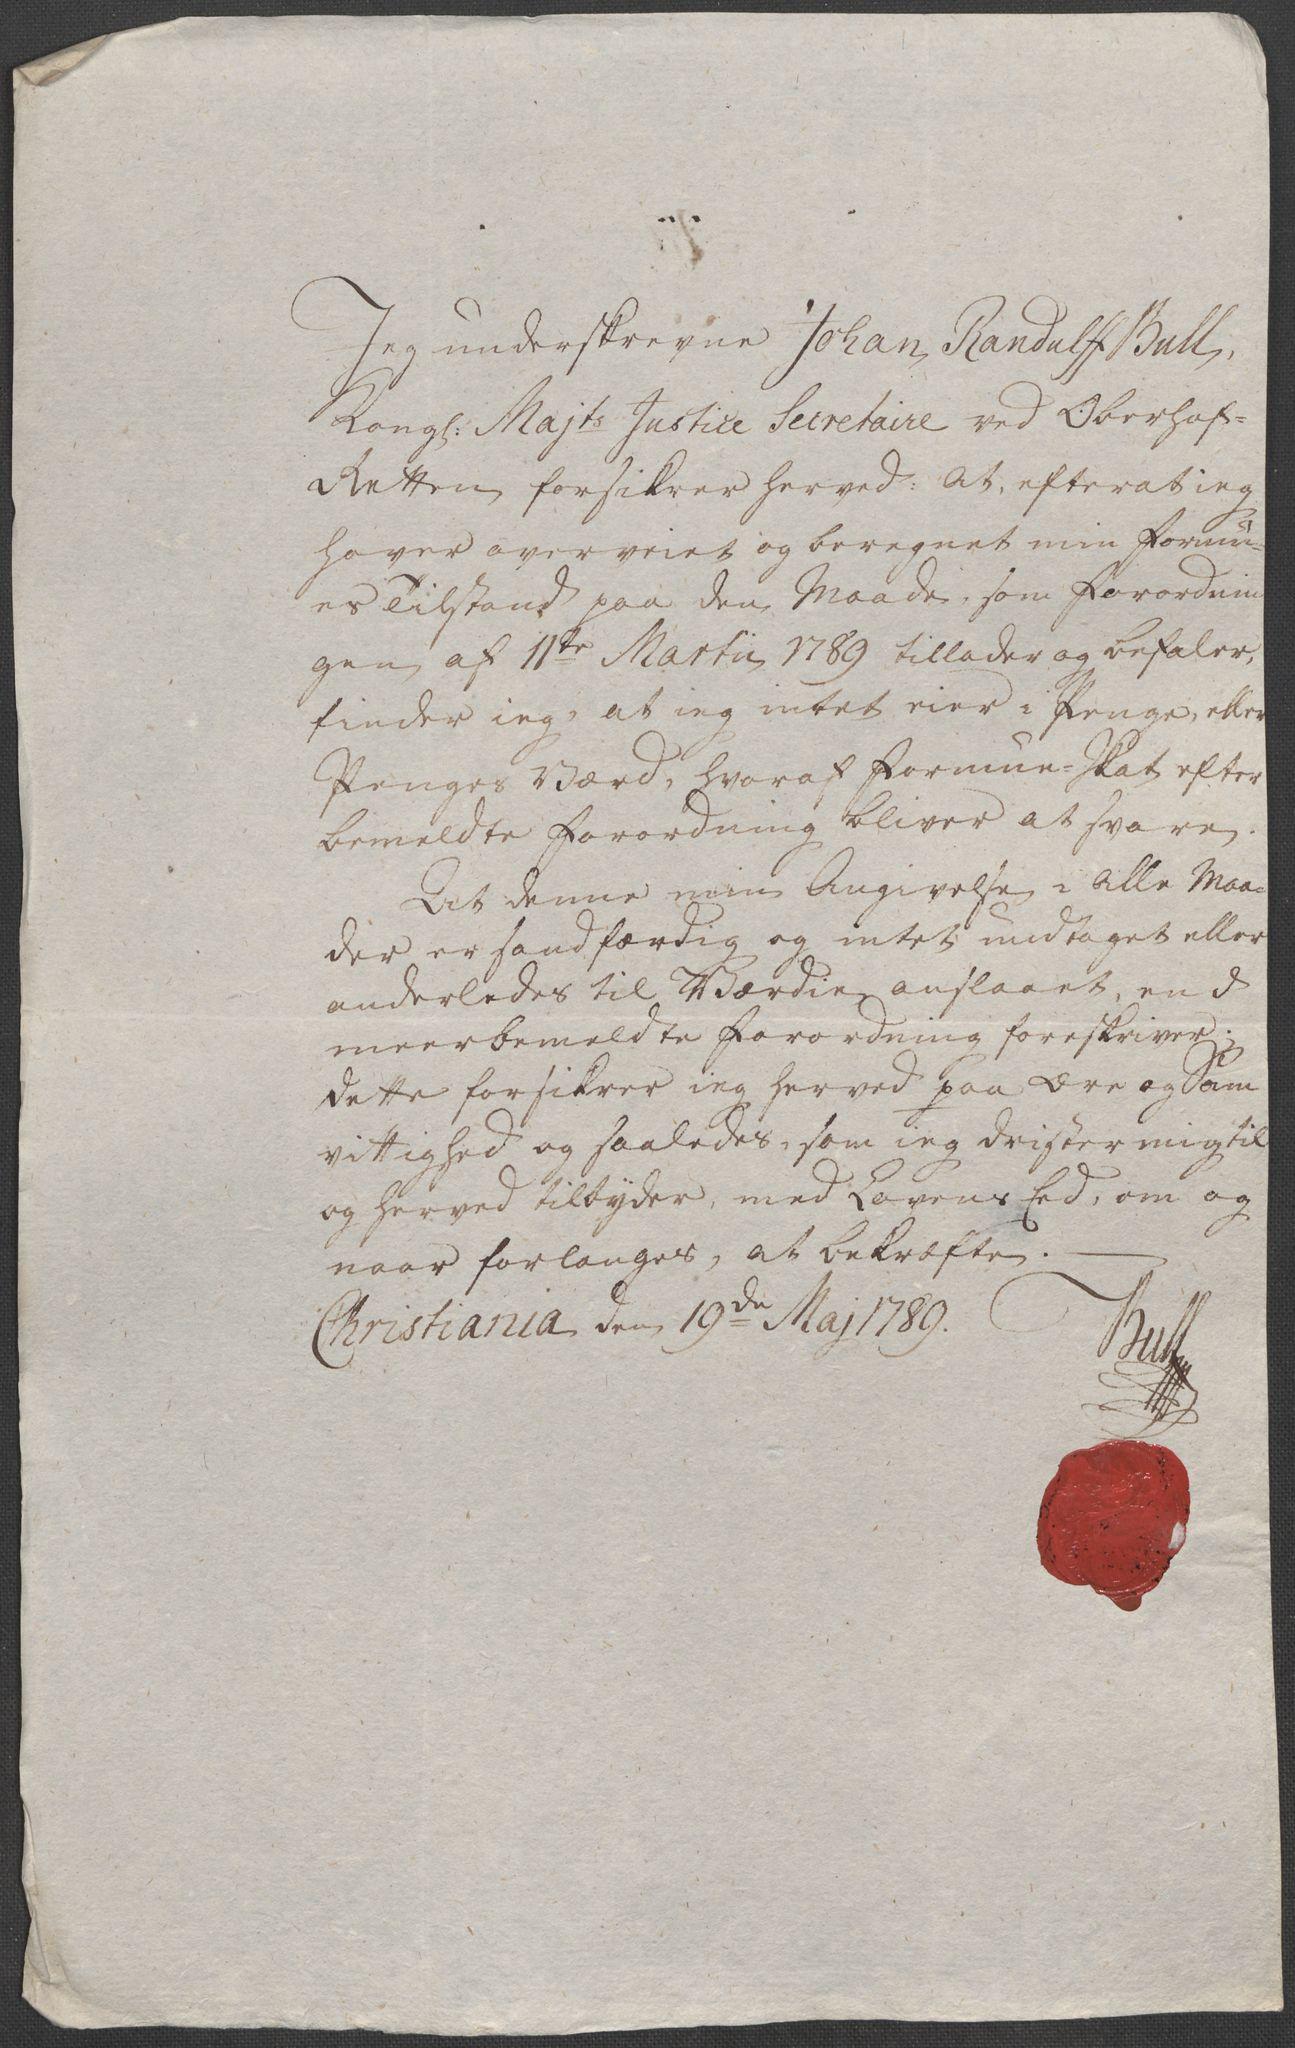 RA, Rentekammeret inntil 1814, Reviderte regnskaper, Mindre regnskaper, Rf/Rfe/L0007: Christiania. Kristiansand, 1789, s. 3